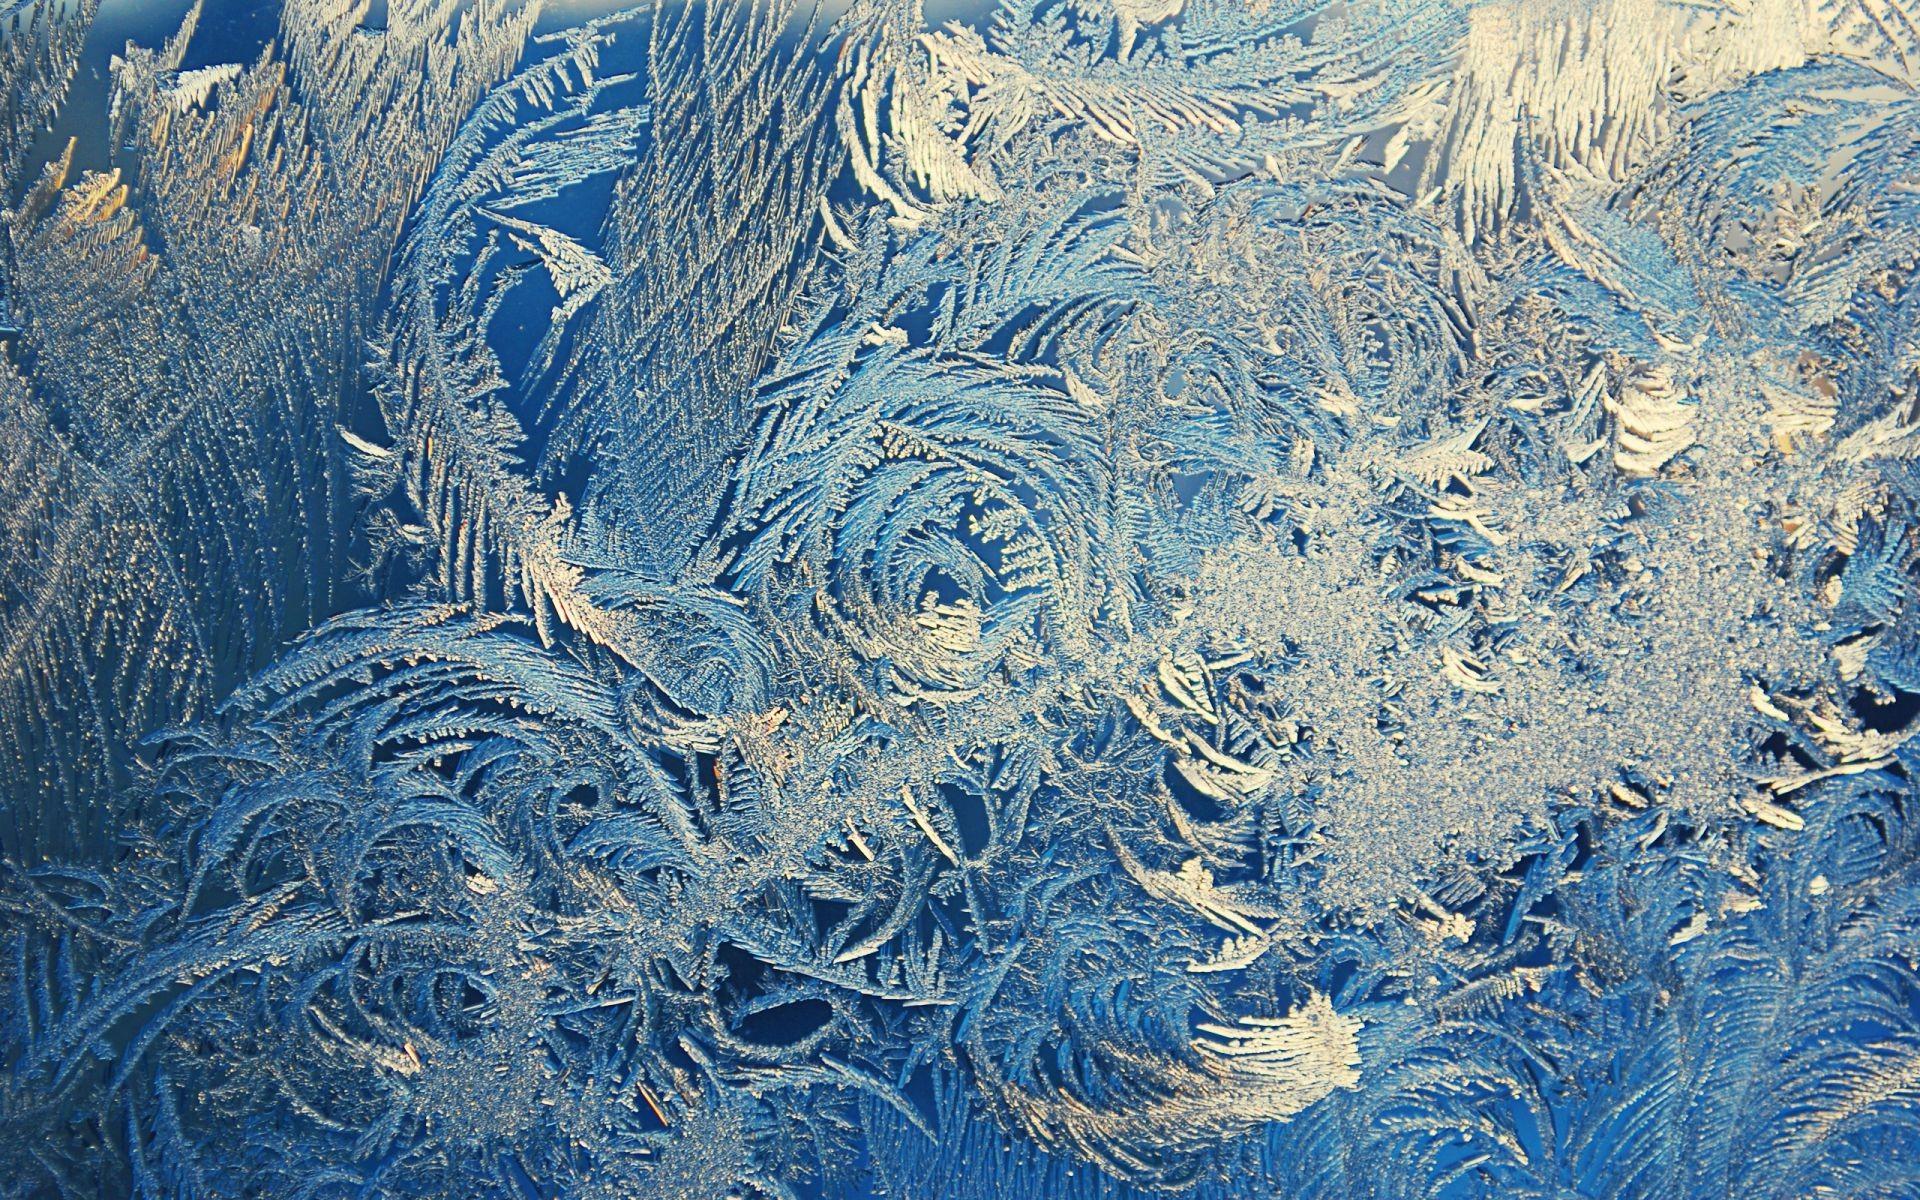 От чего на окнах в мороз узоры